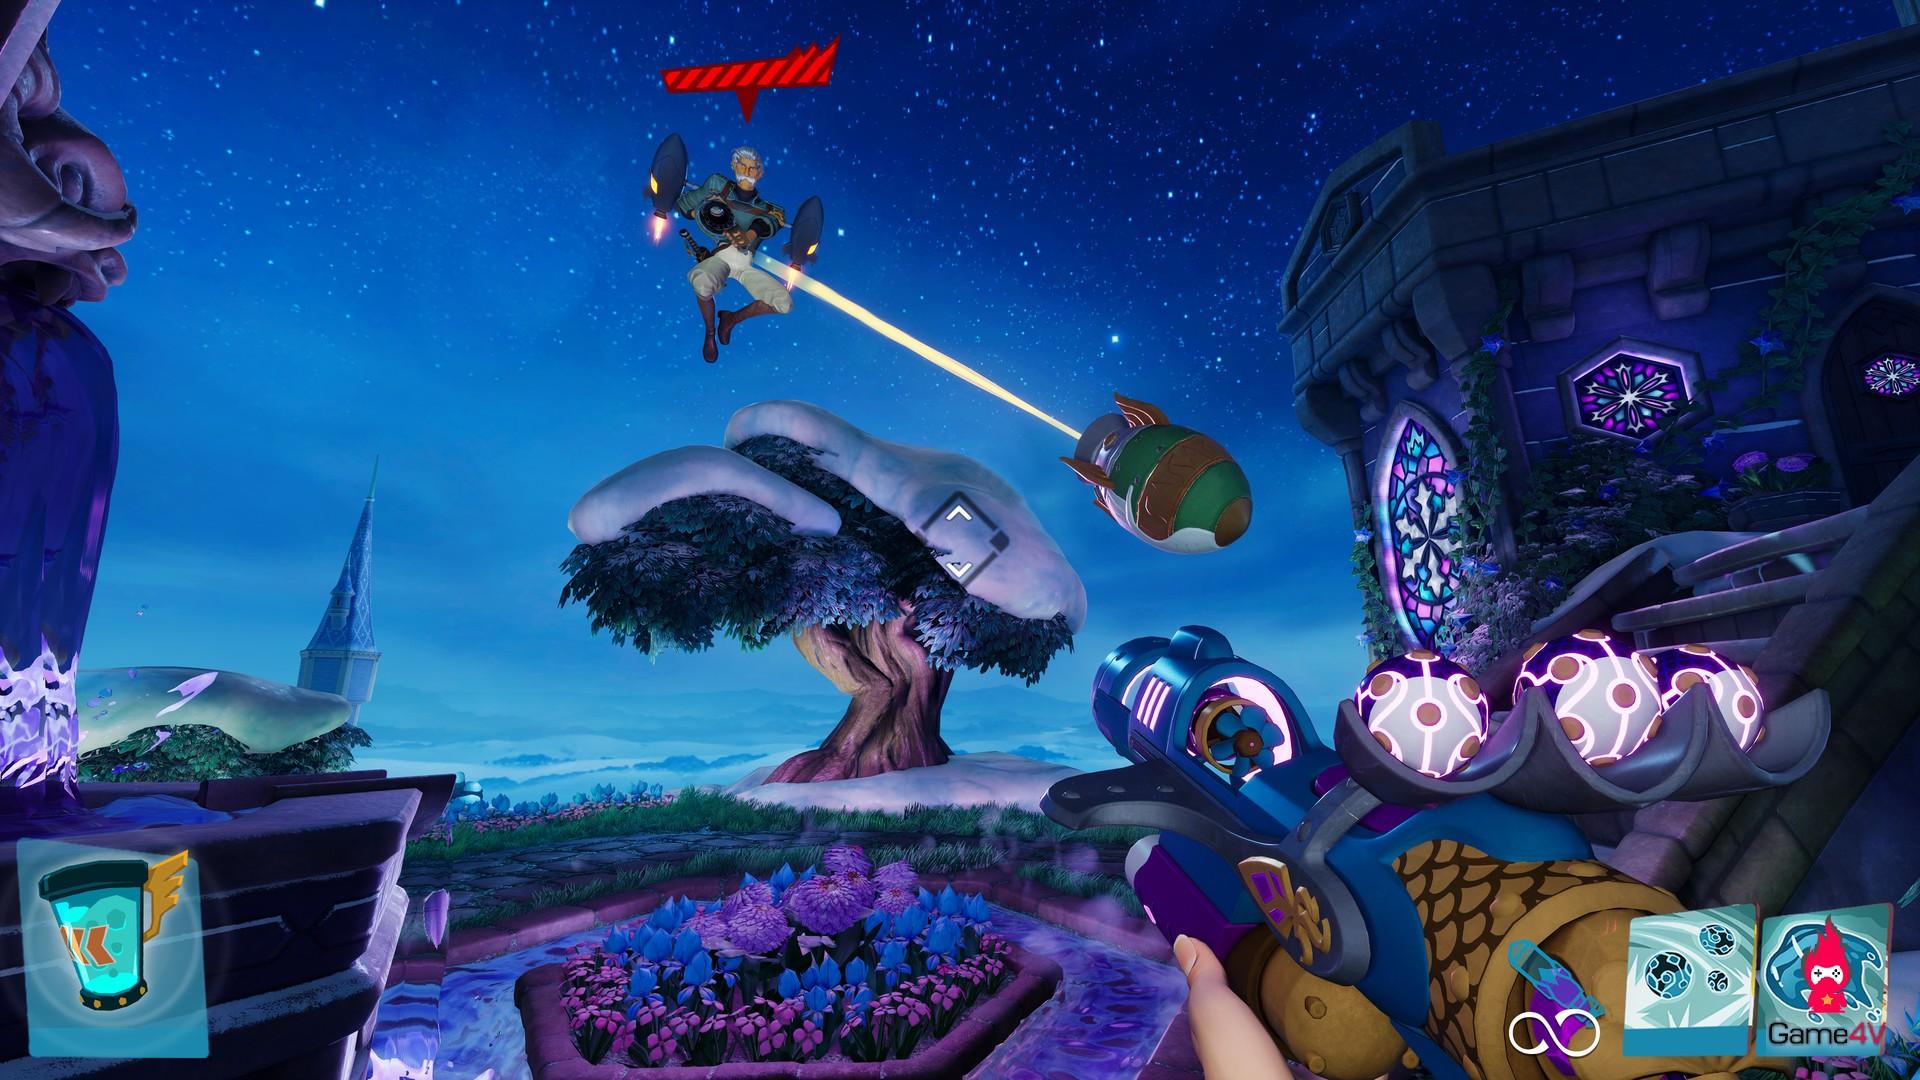 Nexon chính thức mở cửa đăng ký trải nghiệm sớm tựa game bắn súng Rocket Arena - Hình 5